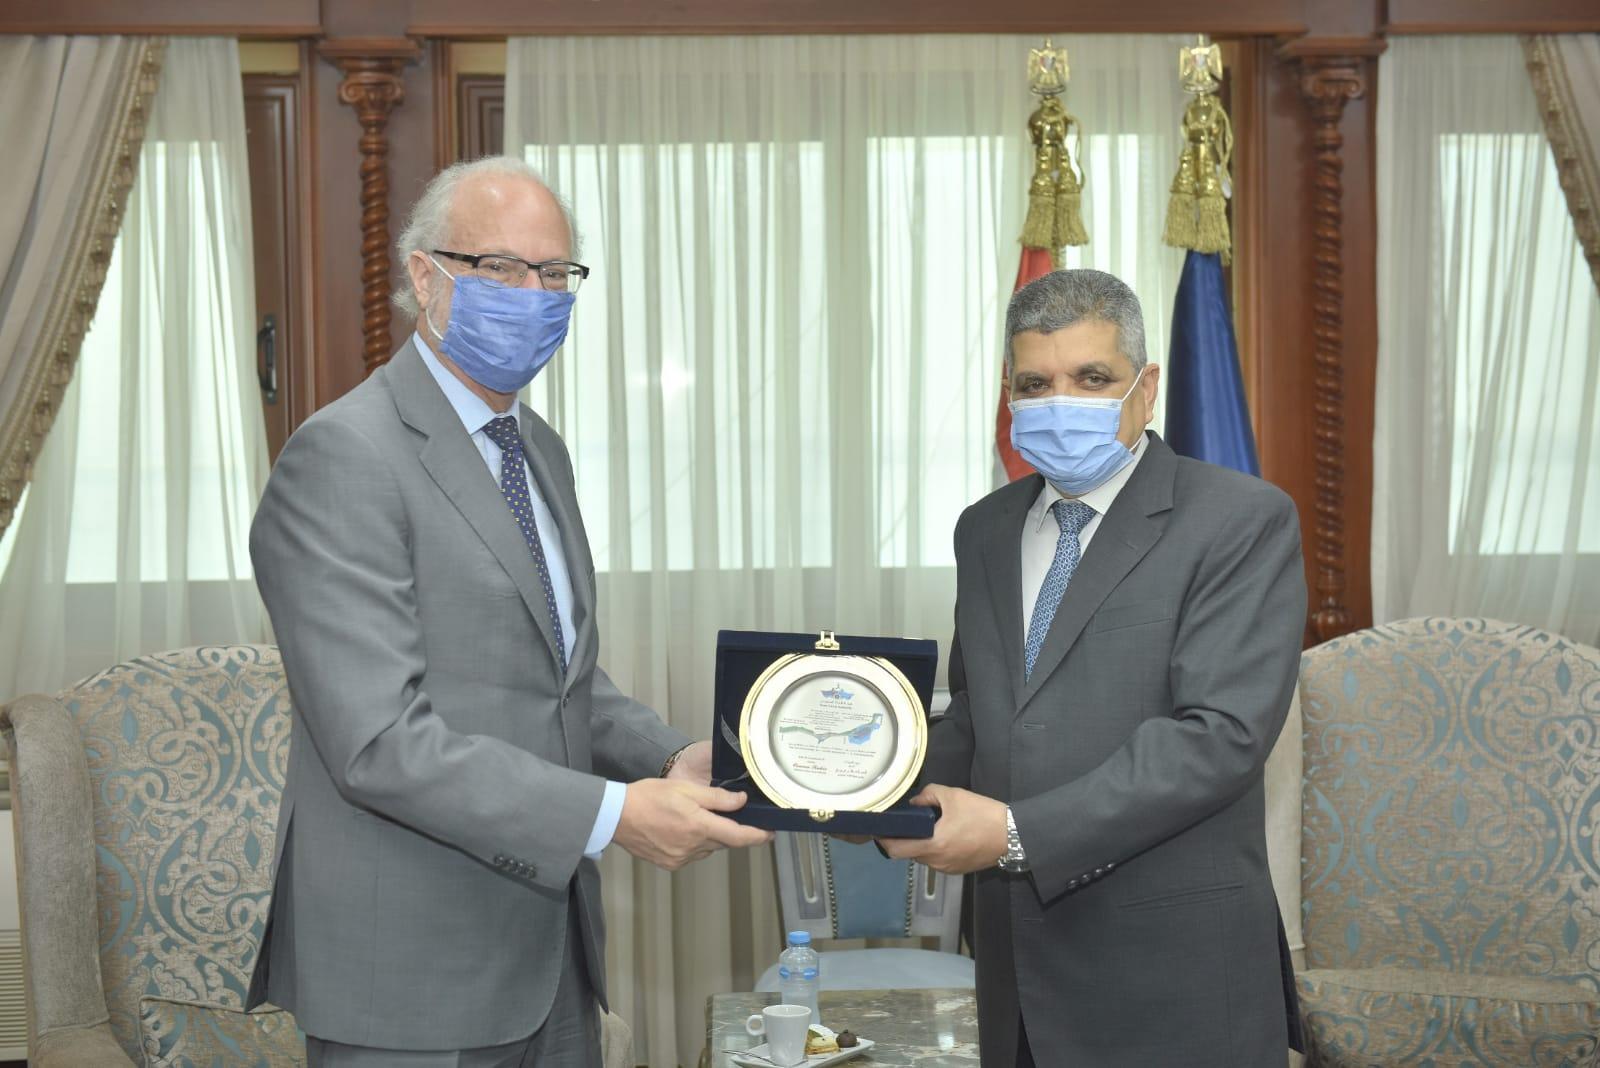 الفريق أسامة ربيع يلتقي السفير الأرجنتيني لبحث سبل التعاون المشترك